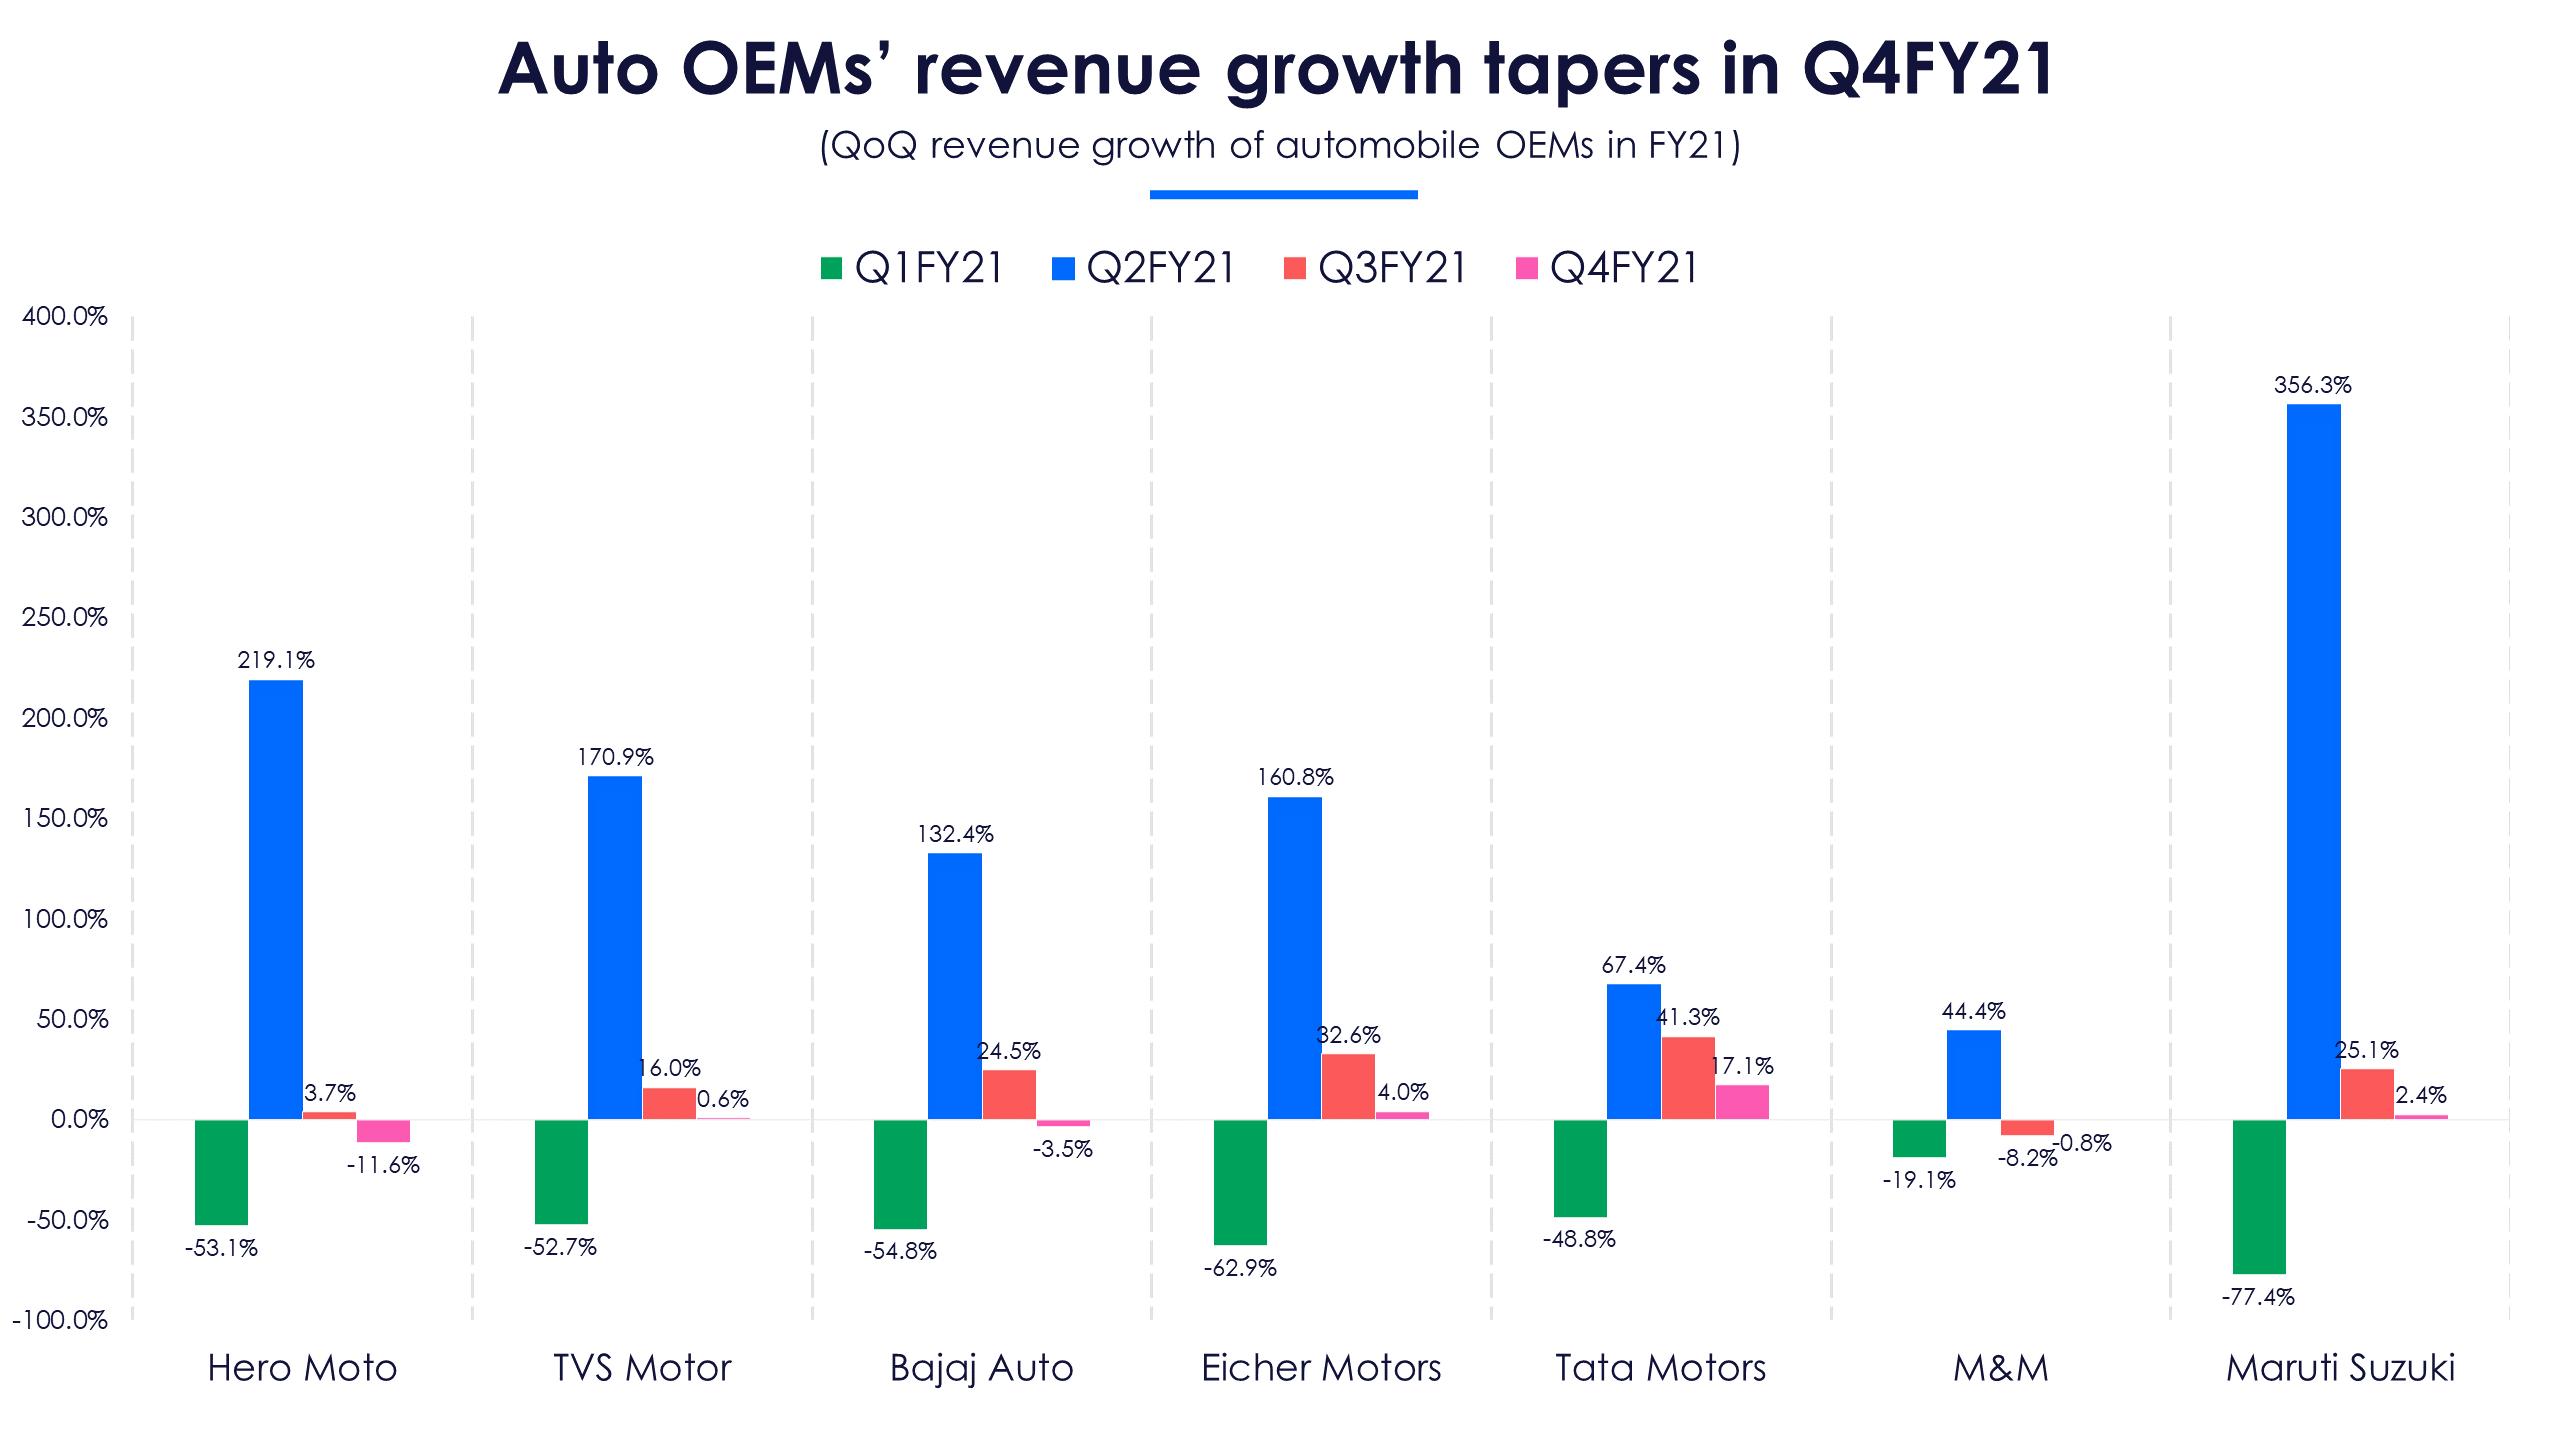 Auto revenues